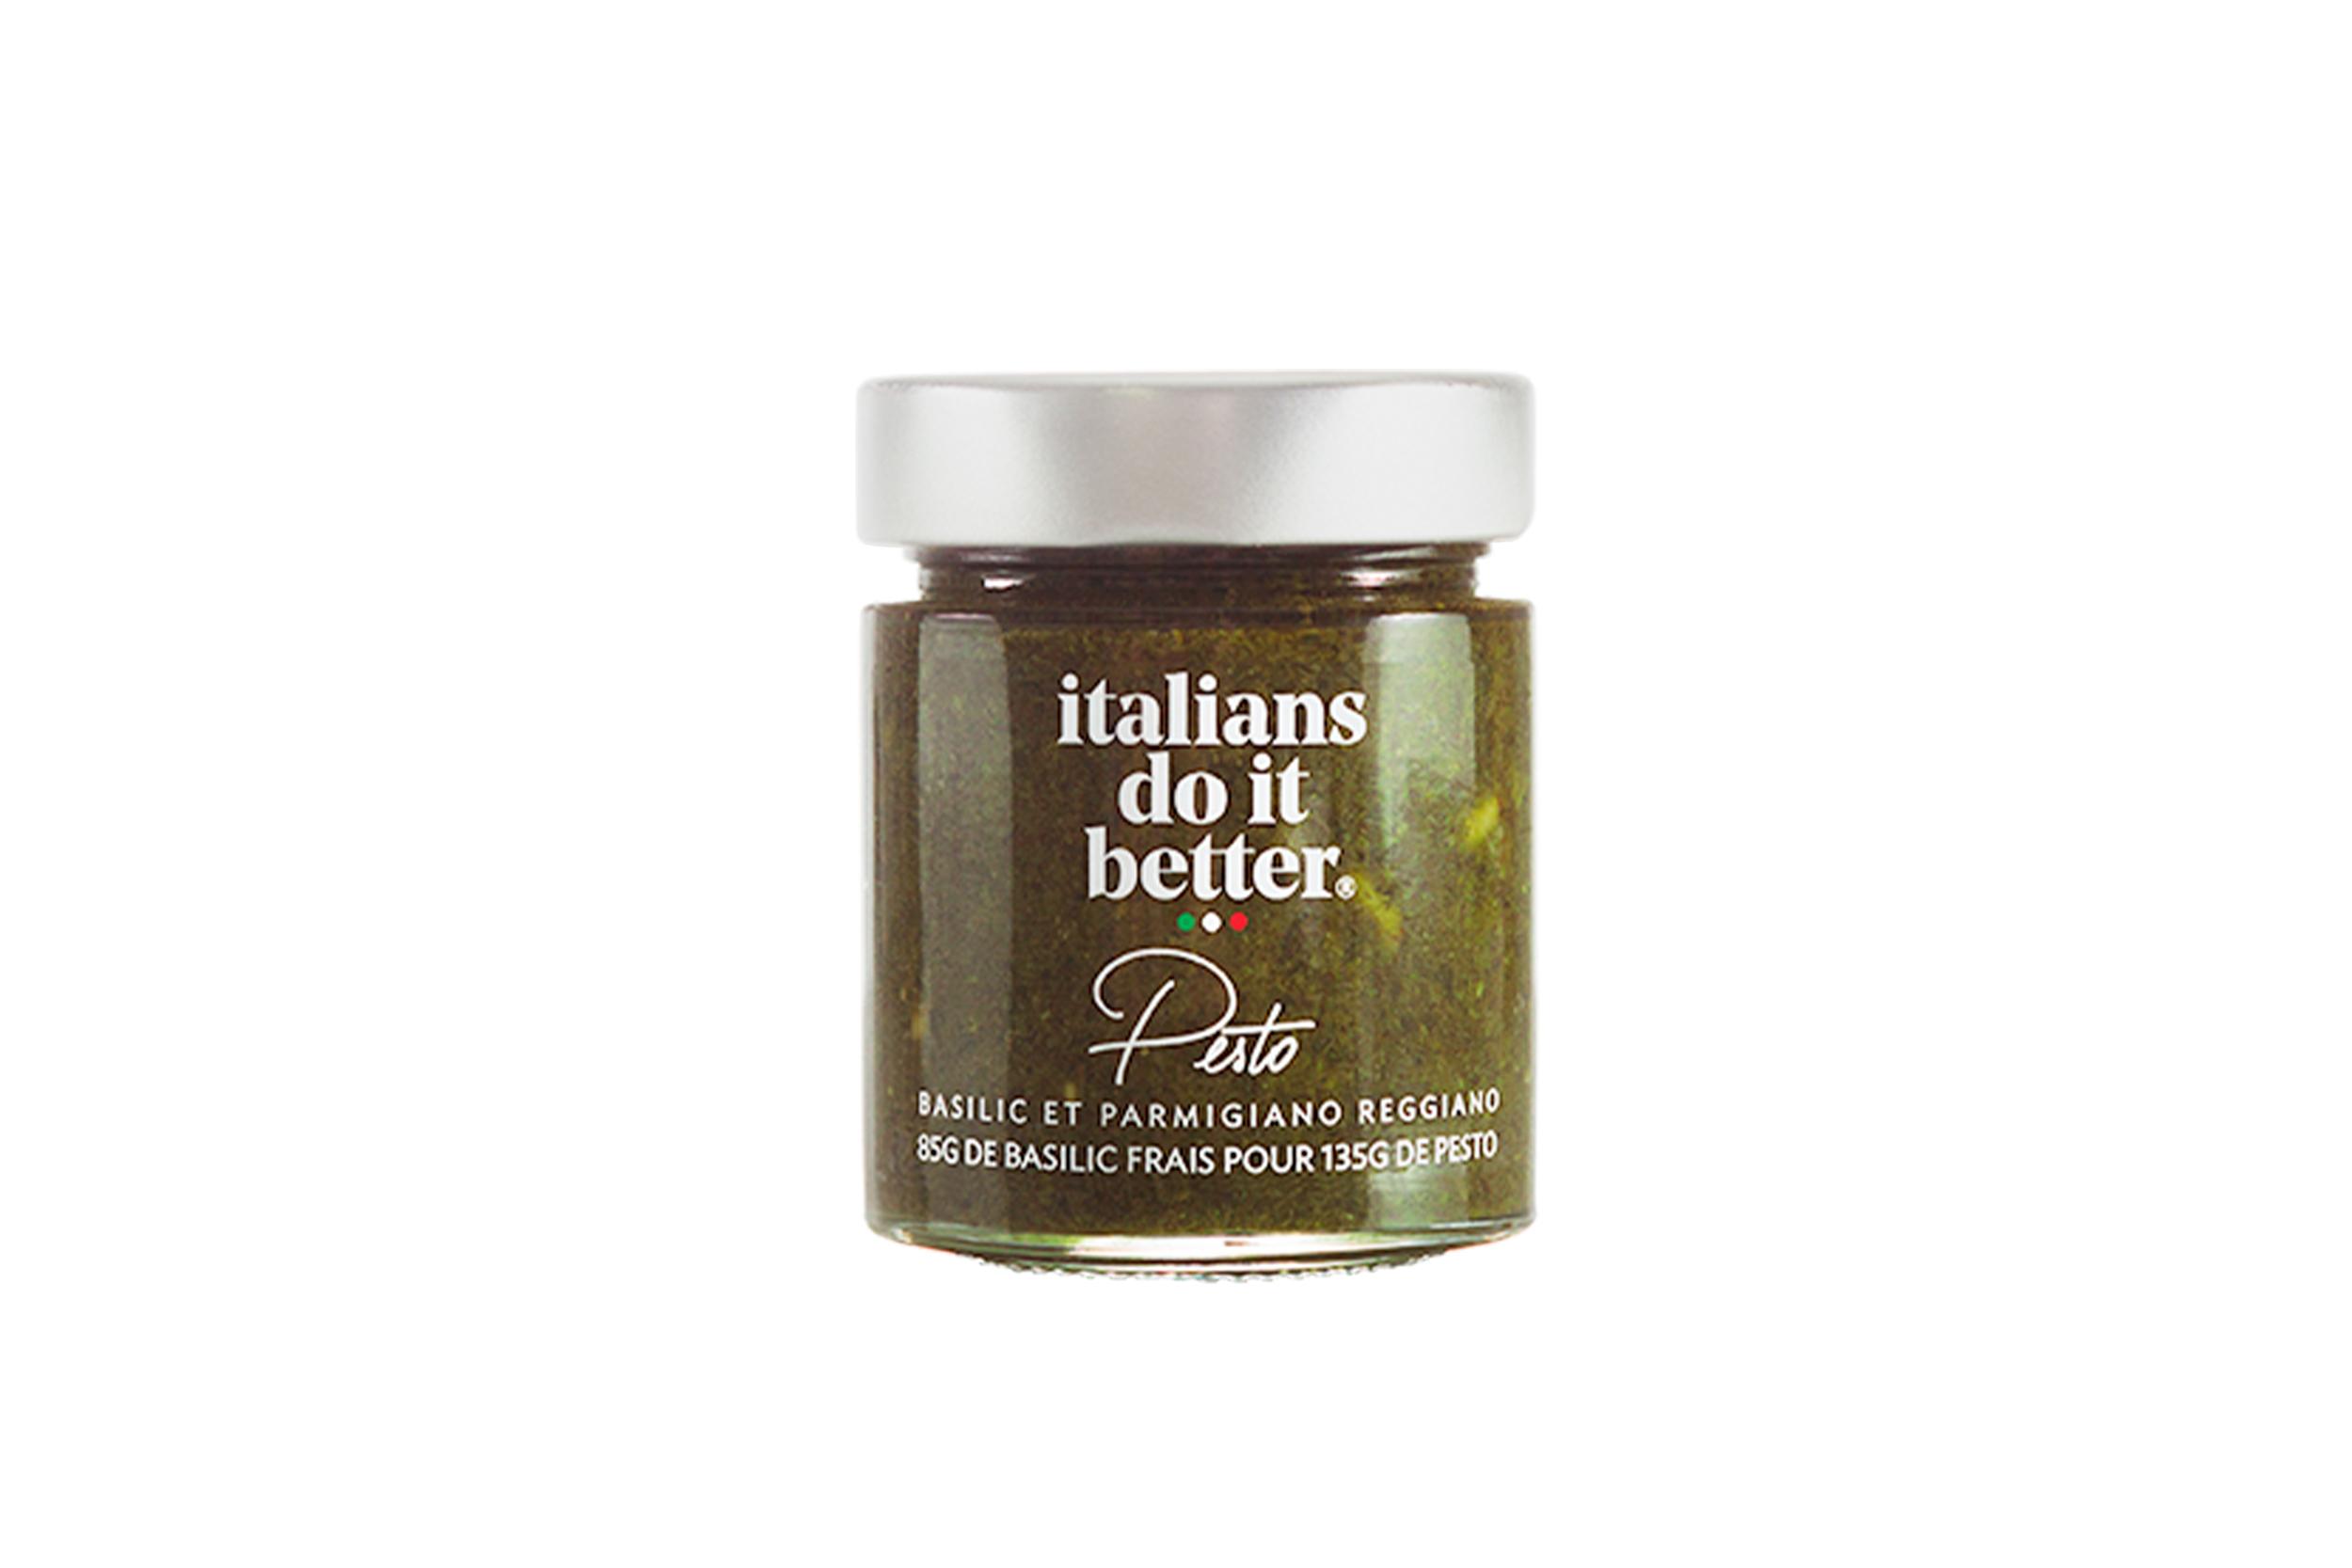 Pesto 135g   Huile d'Olive, Basilic (24%), Pignons de pin (9%),  Parmigiano Reggiano AOP (5%) , Sel, Vinaigre de Vin, Ail.  85g de basilic frais utilisé dans cette sauce ! La recette traditionnelle du  Pesto alla Genovese  fait en Ligurie, la région originaire de ce grand classique de la gastronomie italienne. A déguster dans vos pasta mais également sur vos poissons ou sur des bruschette pour l'apéritif.   How to do it better :  salez l'eau des pâtes, cuire la pasta al dente et faites-la revenir 1 minute à feu doux avec la sauce. Saupoudrez le tout de Parmigiano Reggiano. A cuisiner avec des  spaghetti .  Petite astuce : dans un saladier, hors du feu, délayer le pesto avec un peu d'eau de cuisson de vos pâtes qui est chargé en amidon. Une fois vos pâtes cuites les mettre dans le saladier, mélanger et servir aussitôt.